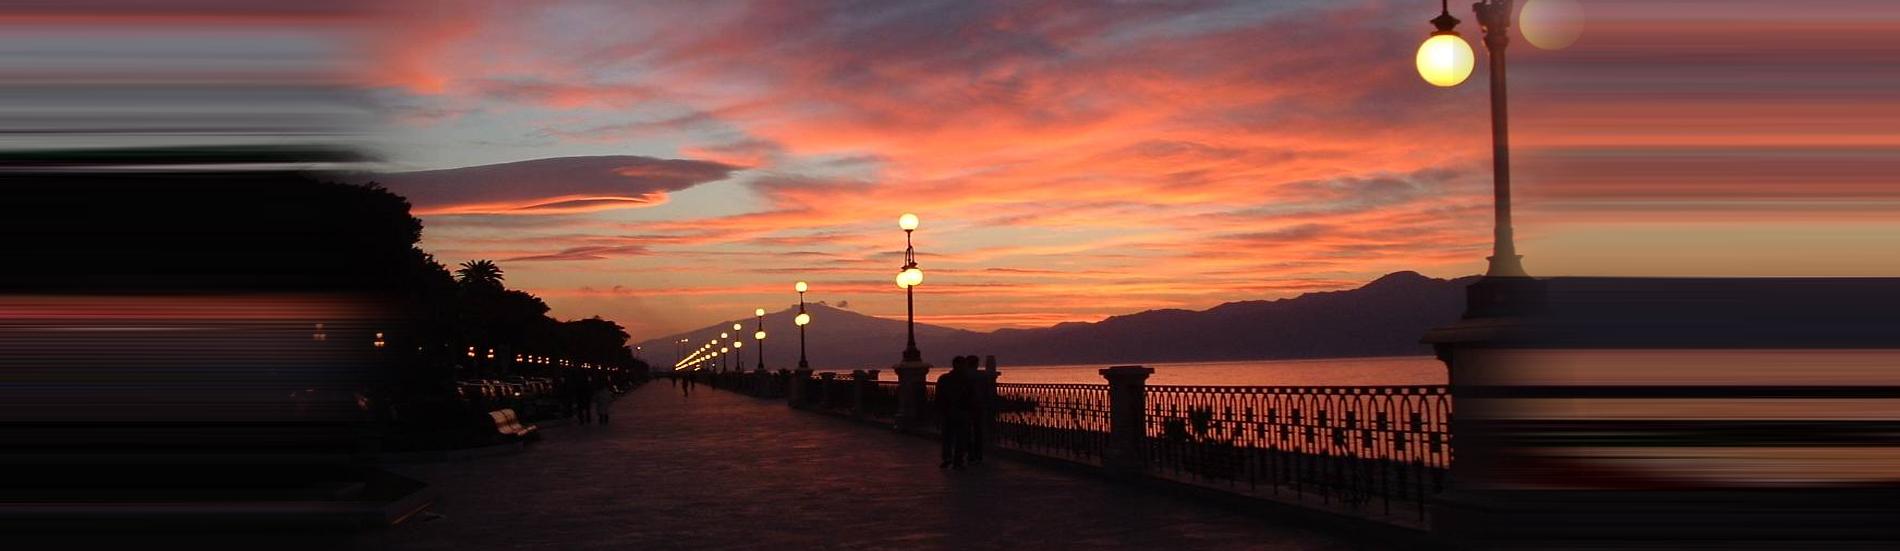 Reggio Calabria, 6-10 settembre 2020